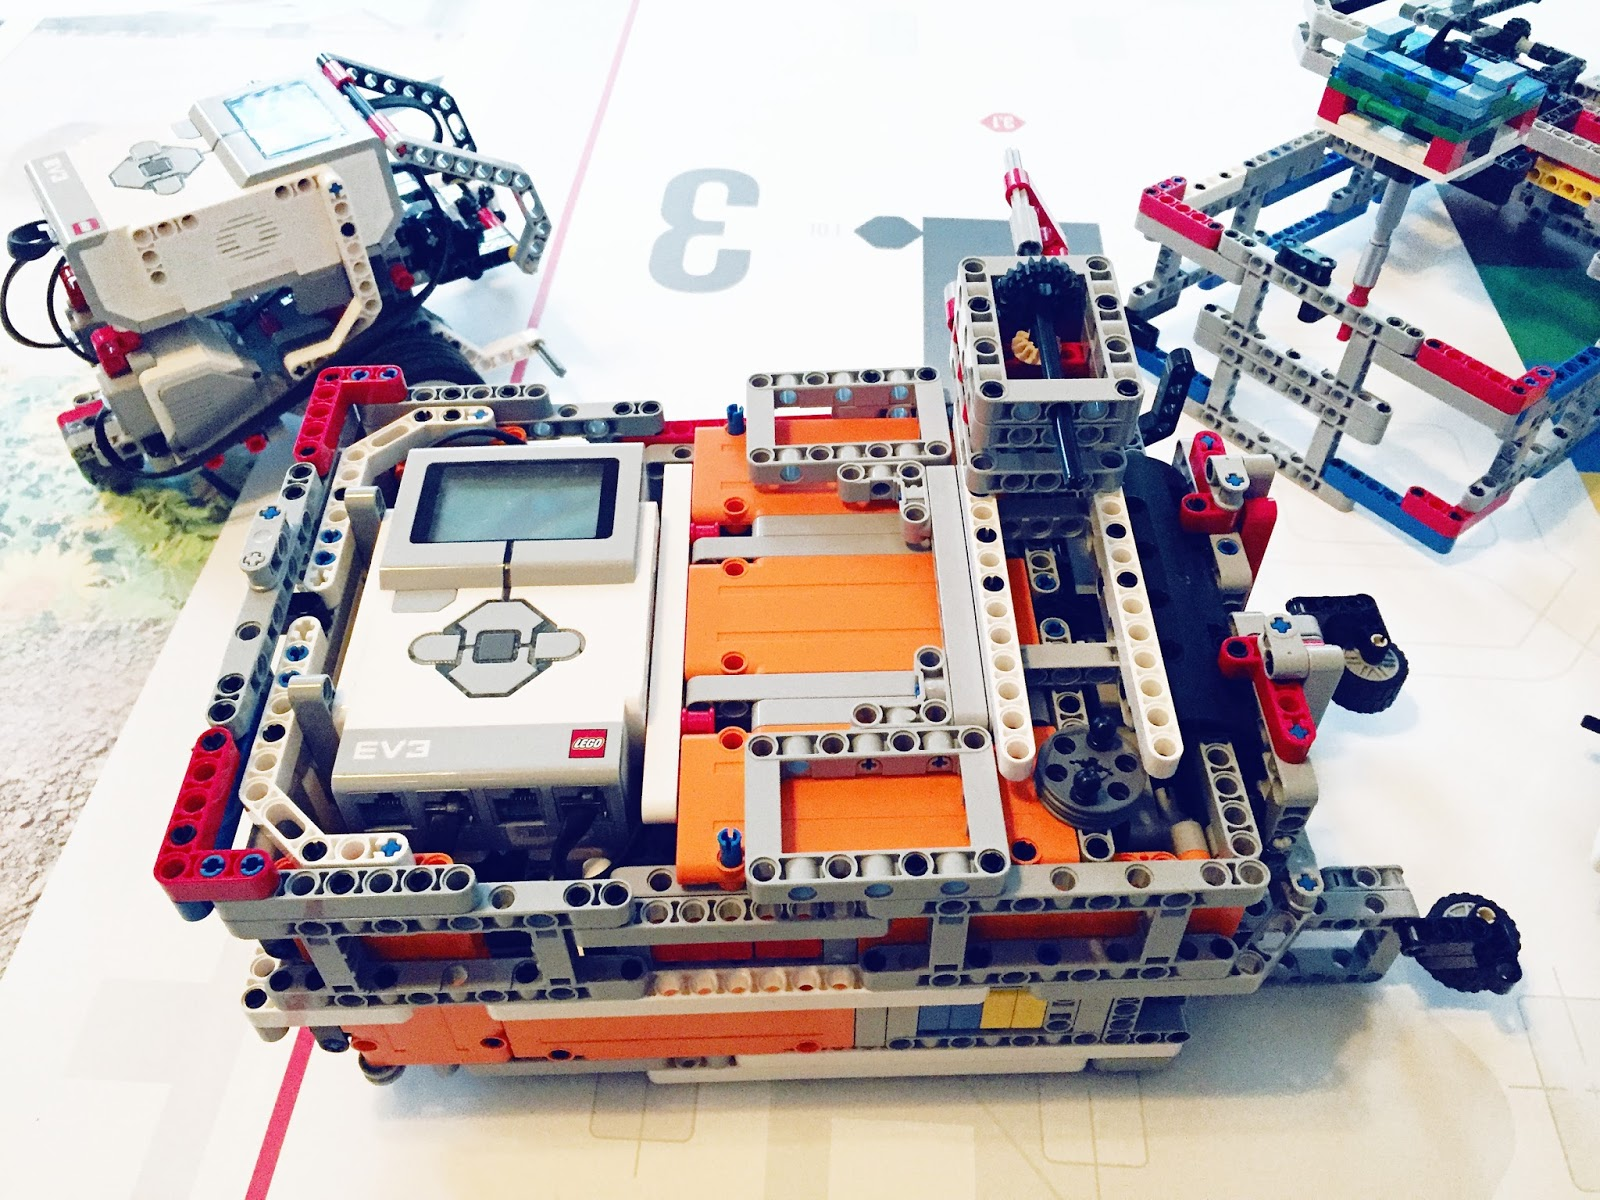 Different EV3 Robot Configurations | Mindstorms | Robotics Summer Camps Dallas